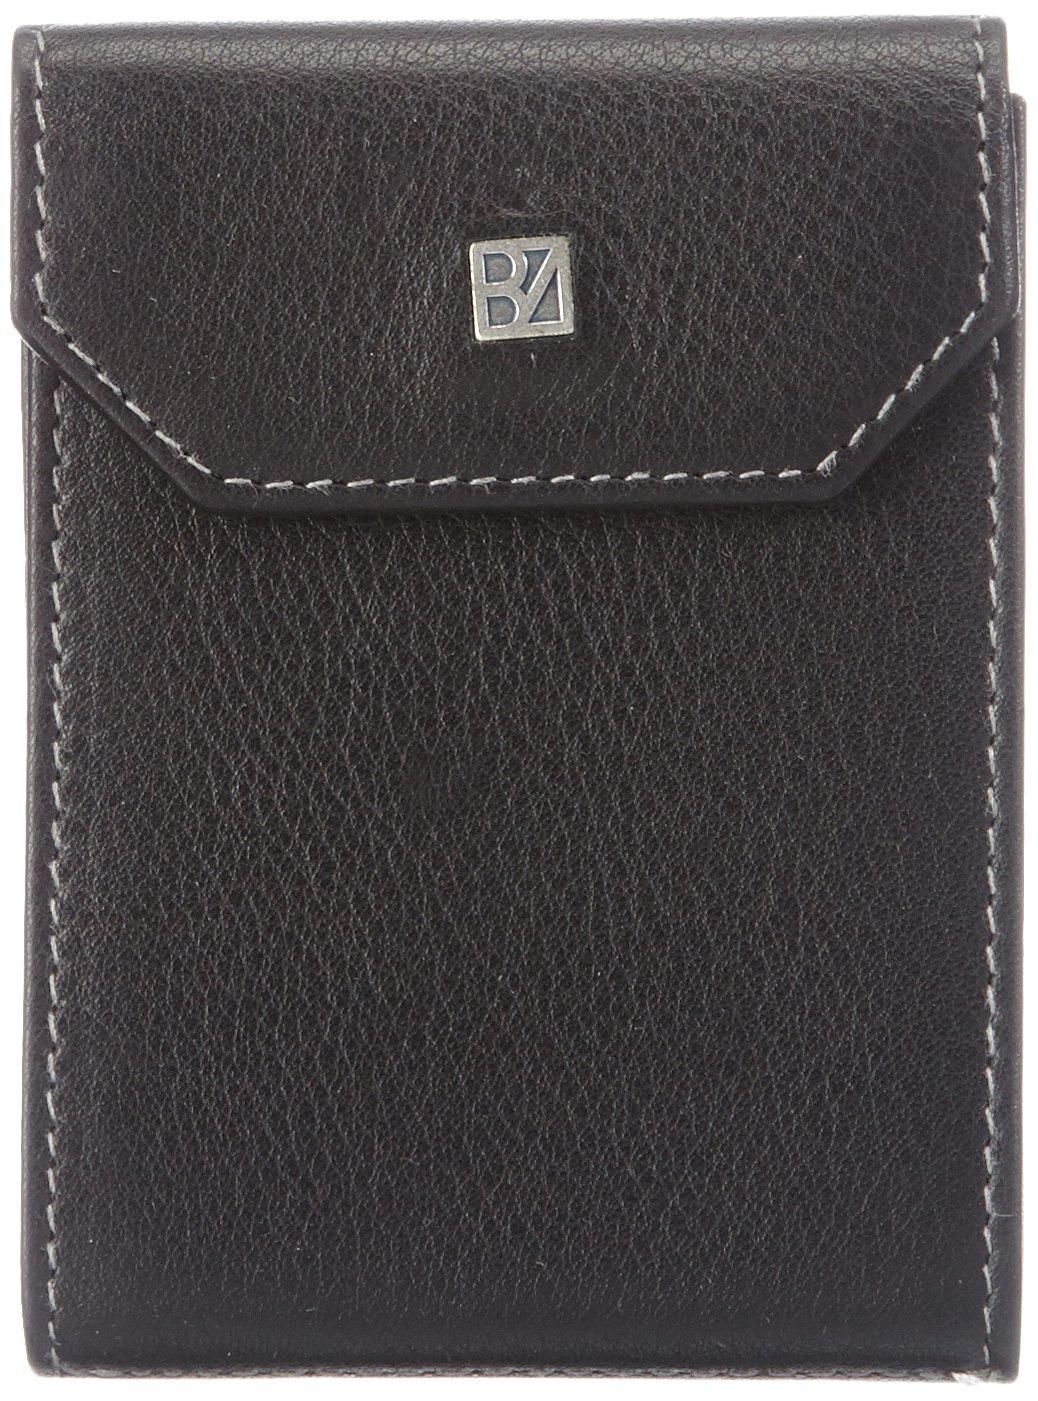 Bodenschatz Hunter 8-948 HU 01, Unisex-Erwachsene Ausweis- & Kartenhüllen, Schwarz (black), 7x10x1 cm (B x H x T)